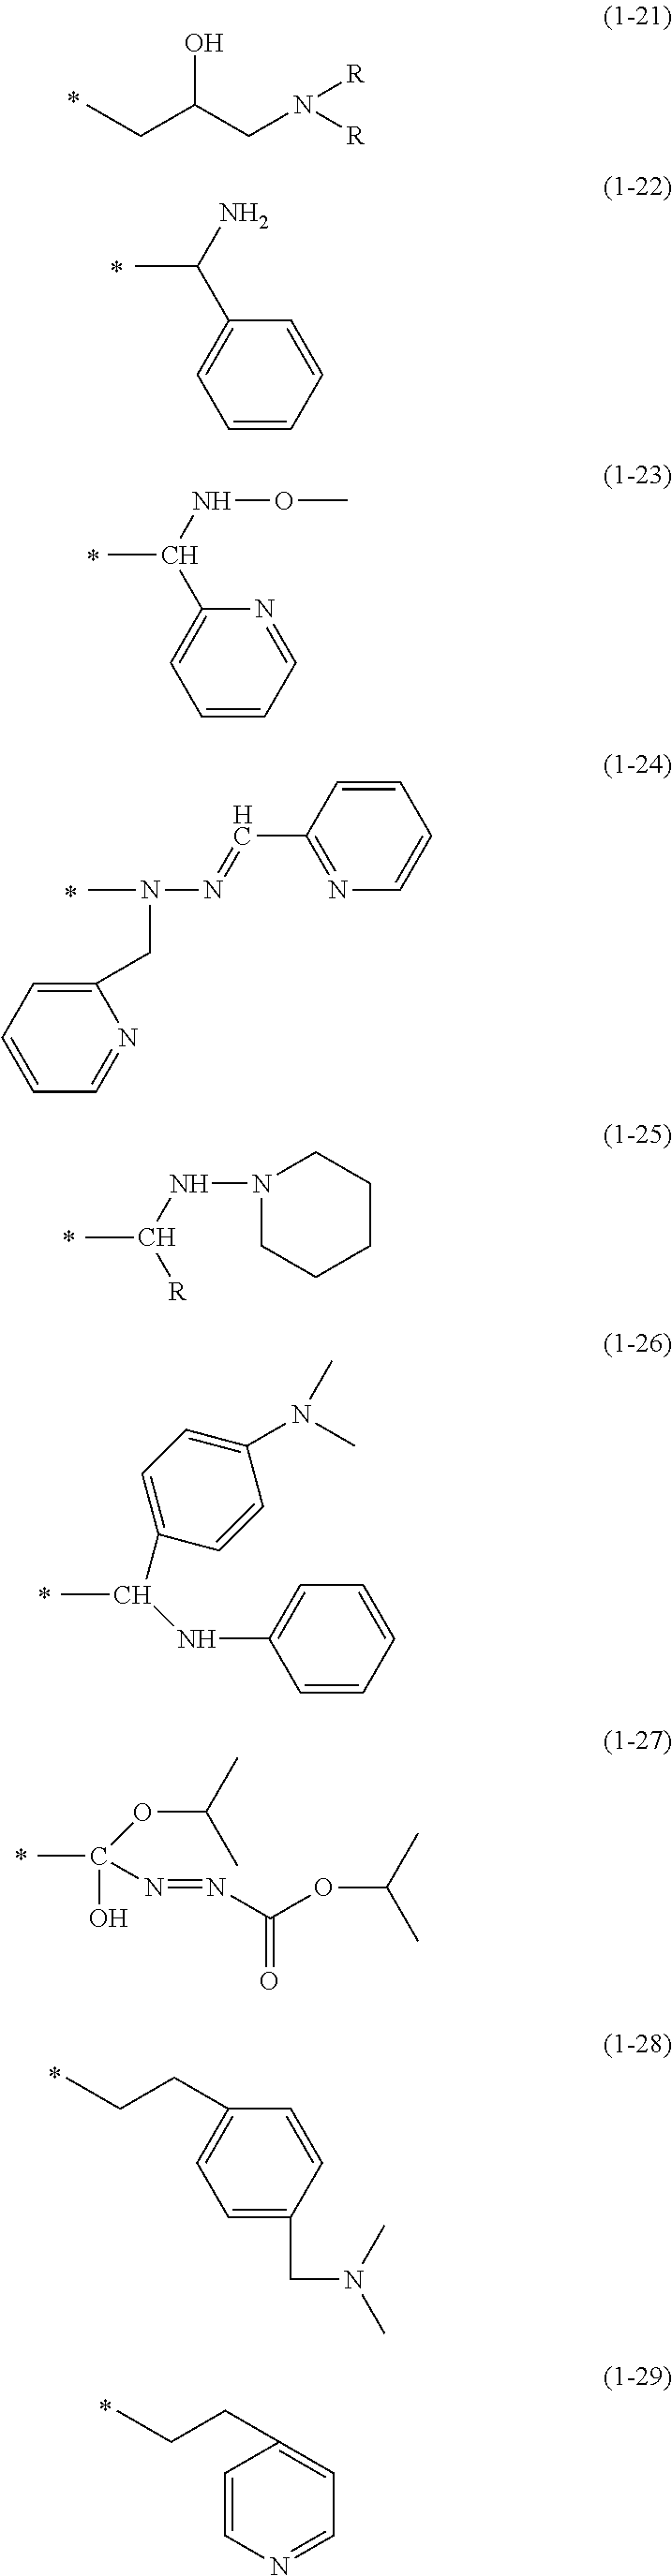 Figure US09684235-20170620-C00004